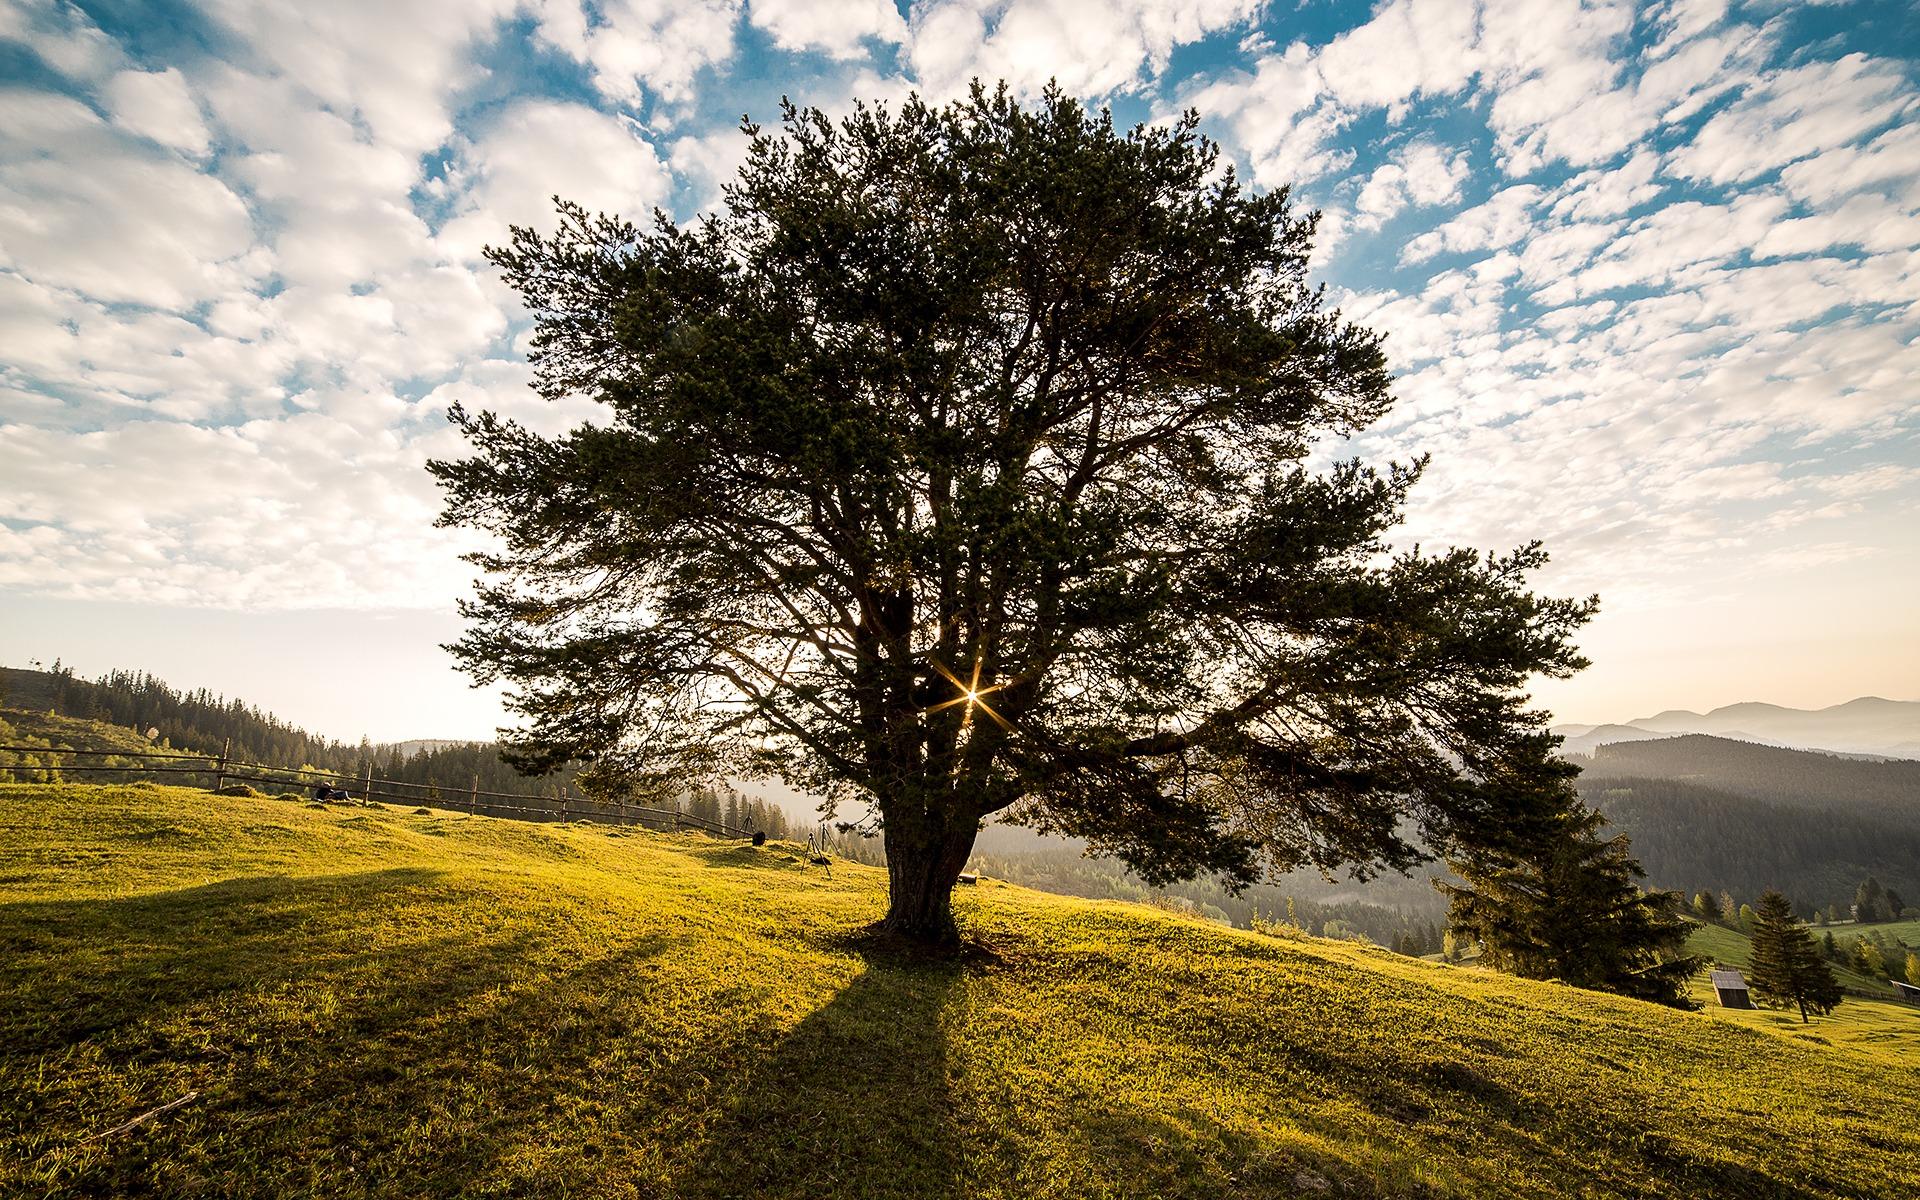 treeexample.jpeg